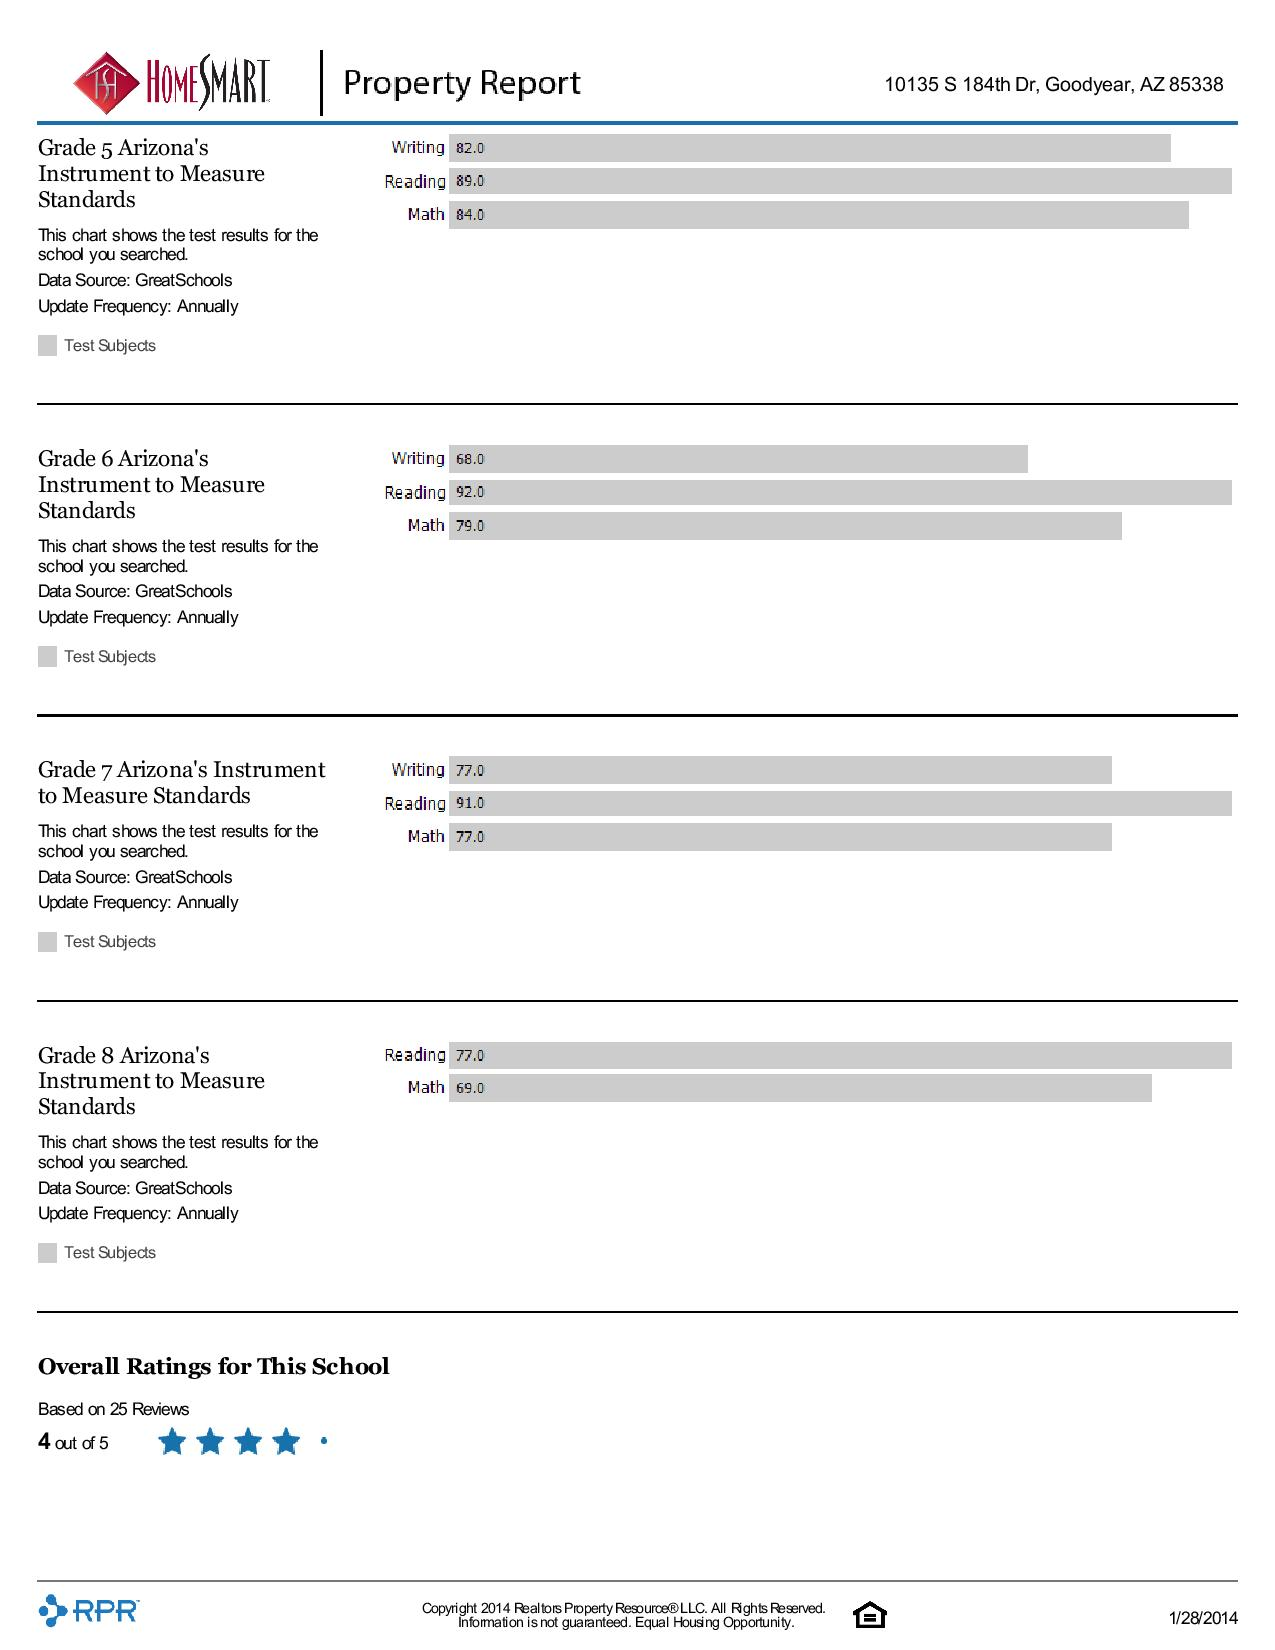 10135-S-184th-Dr-Goodyear-AZ-85338.pdf-page-013